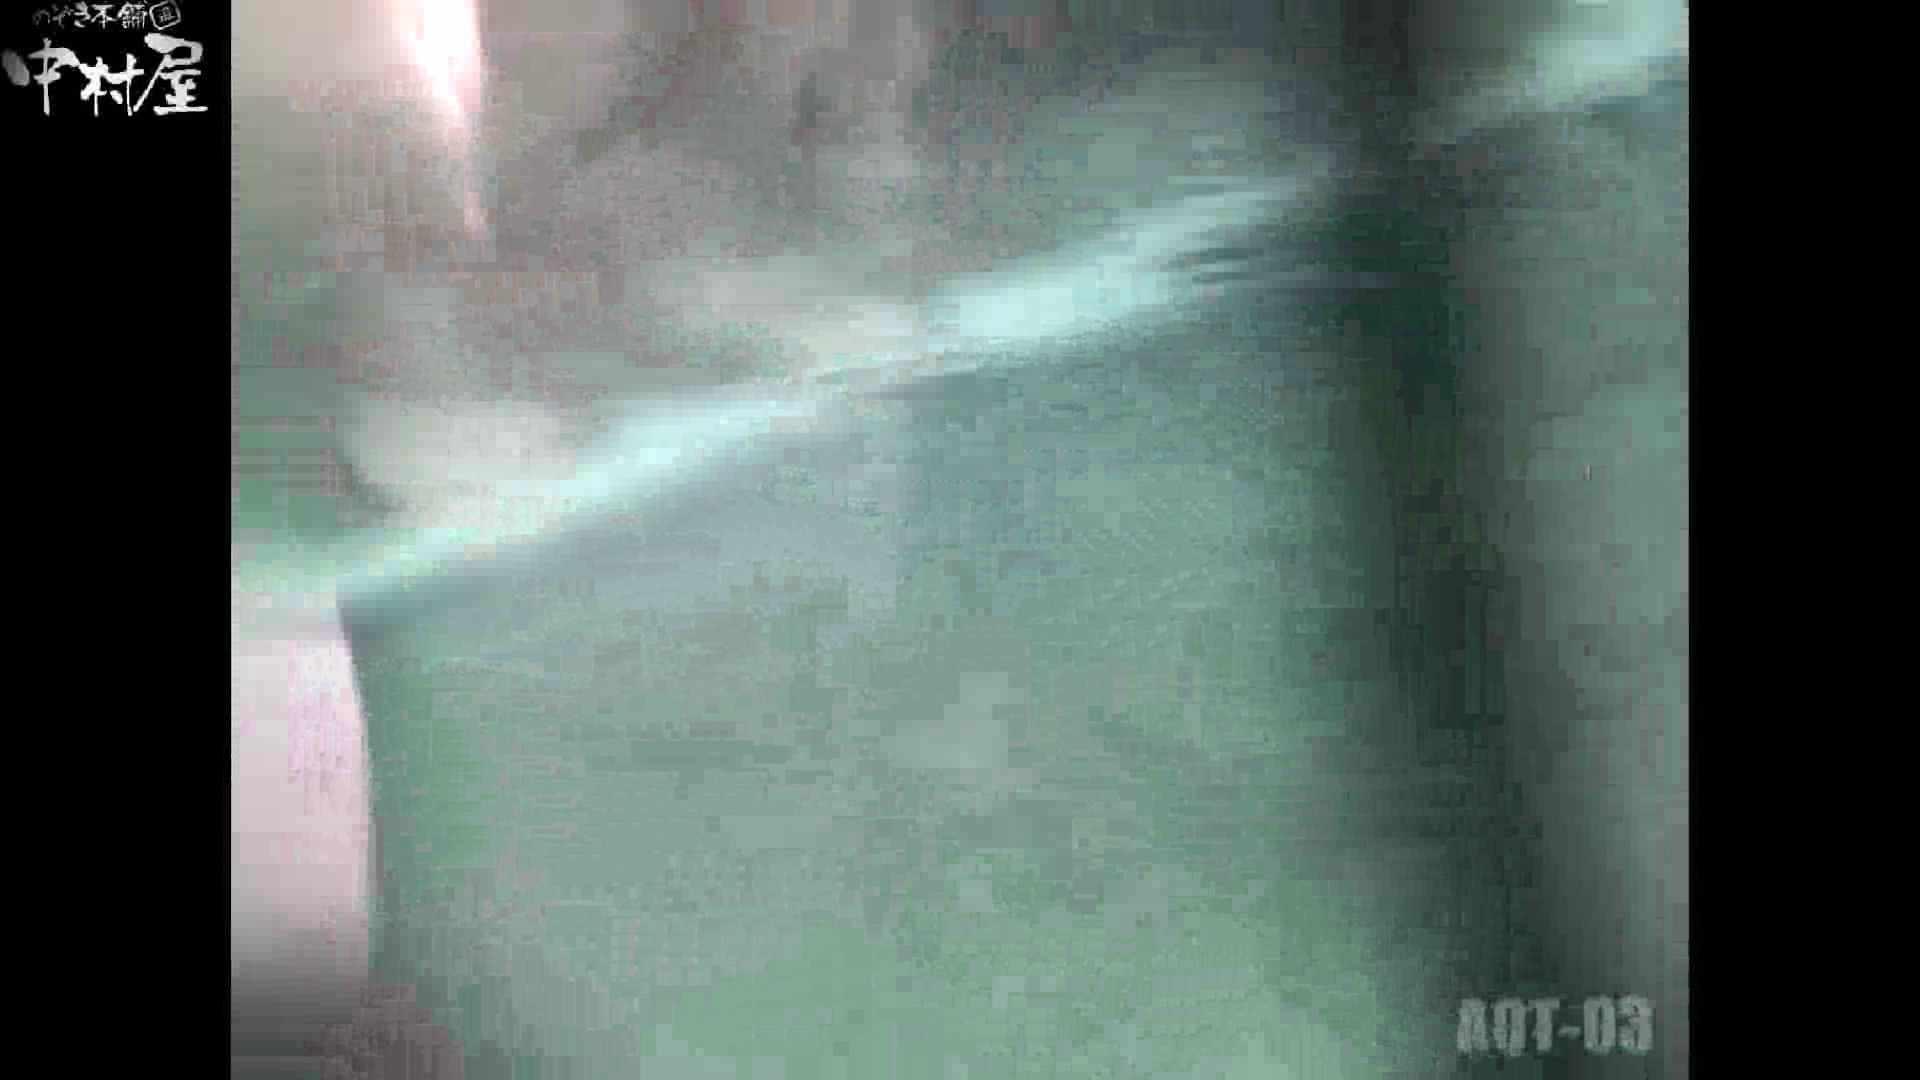 Aquaな露天風呂Vol.867潜入盗撮露天風呂参判湯 其の七 女体盗撮 盗撮AV動画キャプチャ 83連発 14